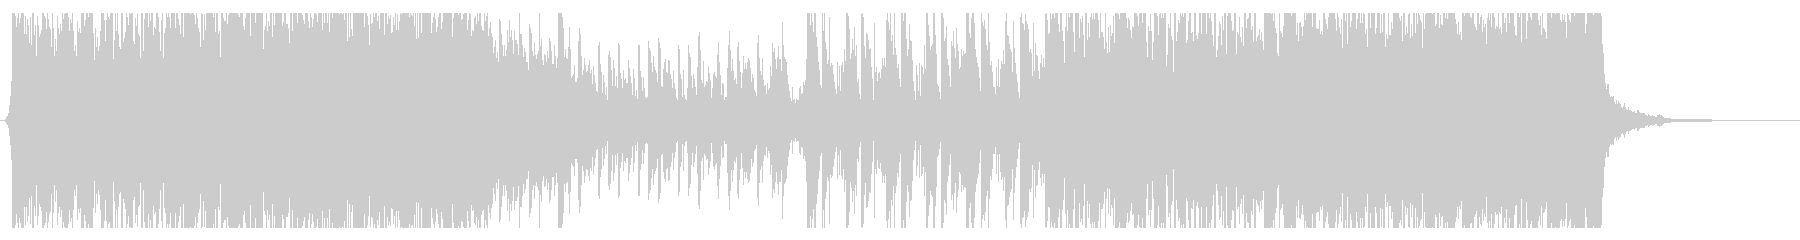 EDM風サウンドと弦、ピアノのクールな曲の未再生の波形